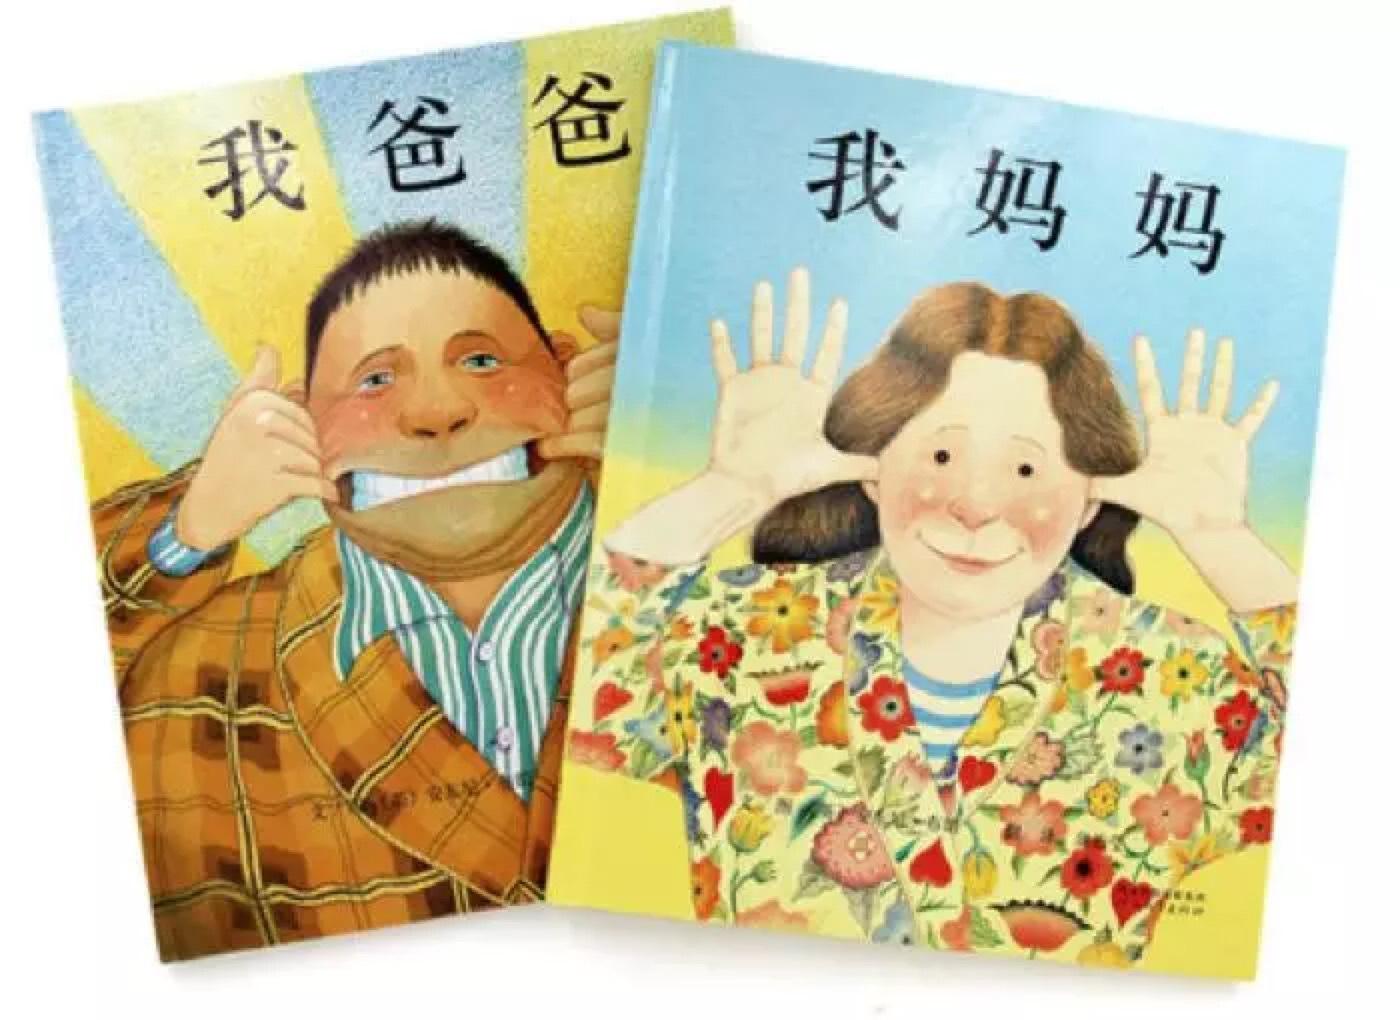 我读懂了母亲_分龄绘本推荐,最适合0-6岁孩子读的绘本书单_宝宝